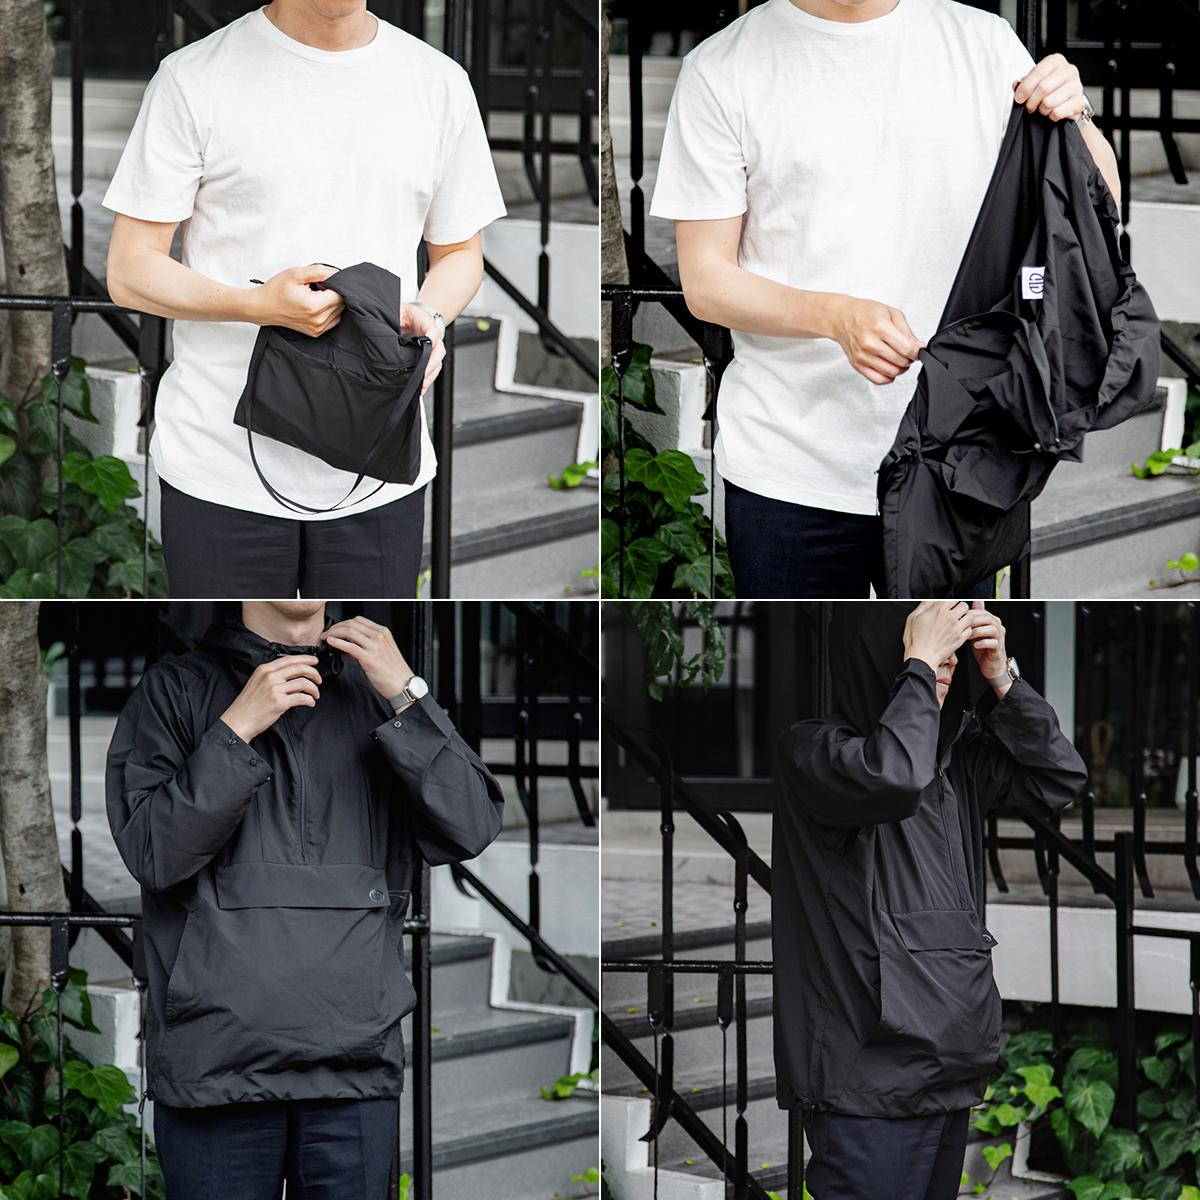 旅の必需品「ショルダー型バッグ」「上着」「雨よけ」を一つに集約。旅や遊びをスマートにバージョンアップさせる新しい発想の「バッグ一体型パーカー」| SANYO ENJIN